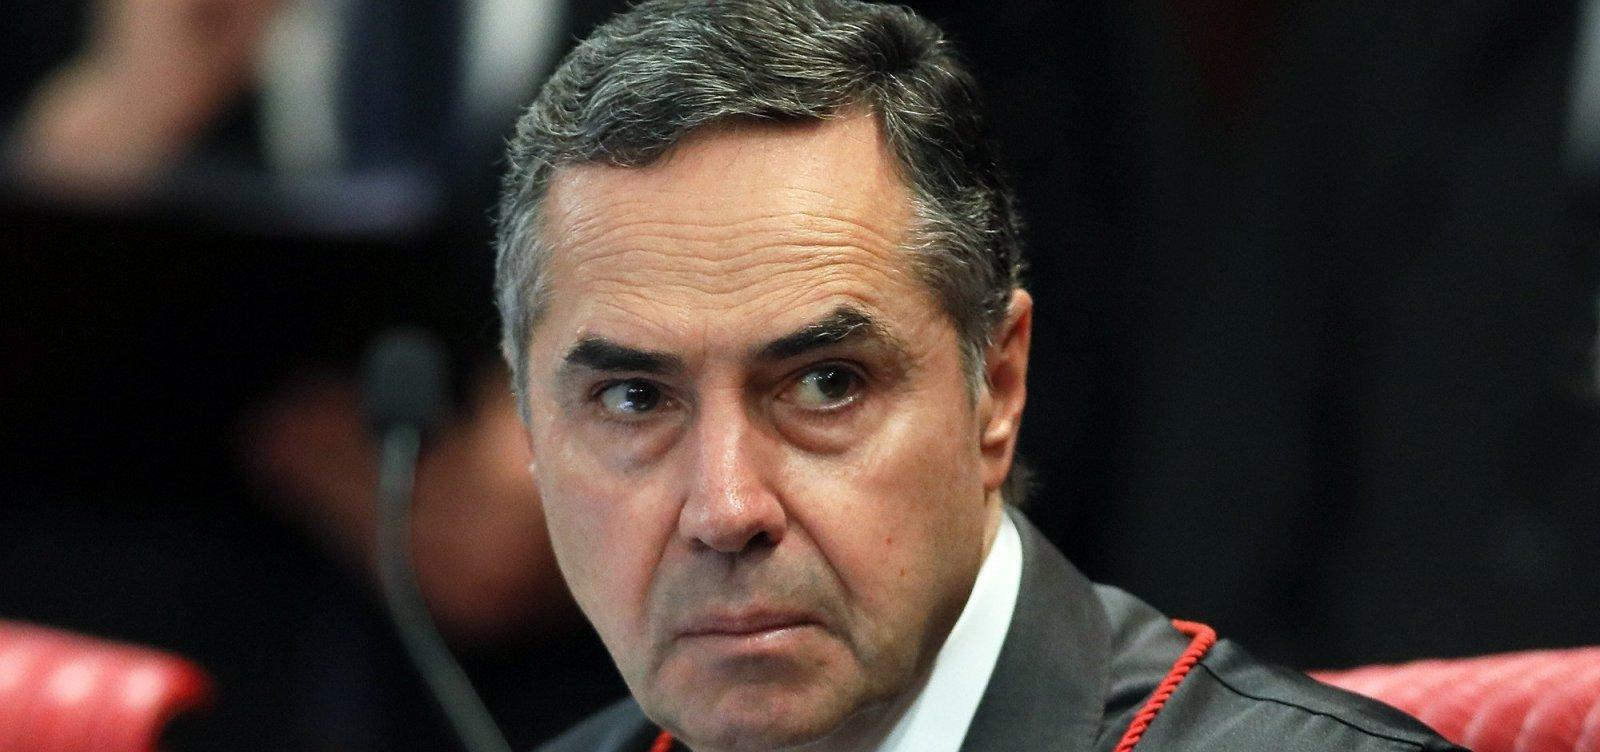 [Barroso pede esclarecimento a sete empresas sobre contratação pela campanha de Bolsonaro]